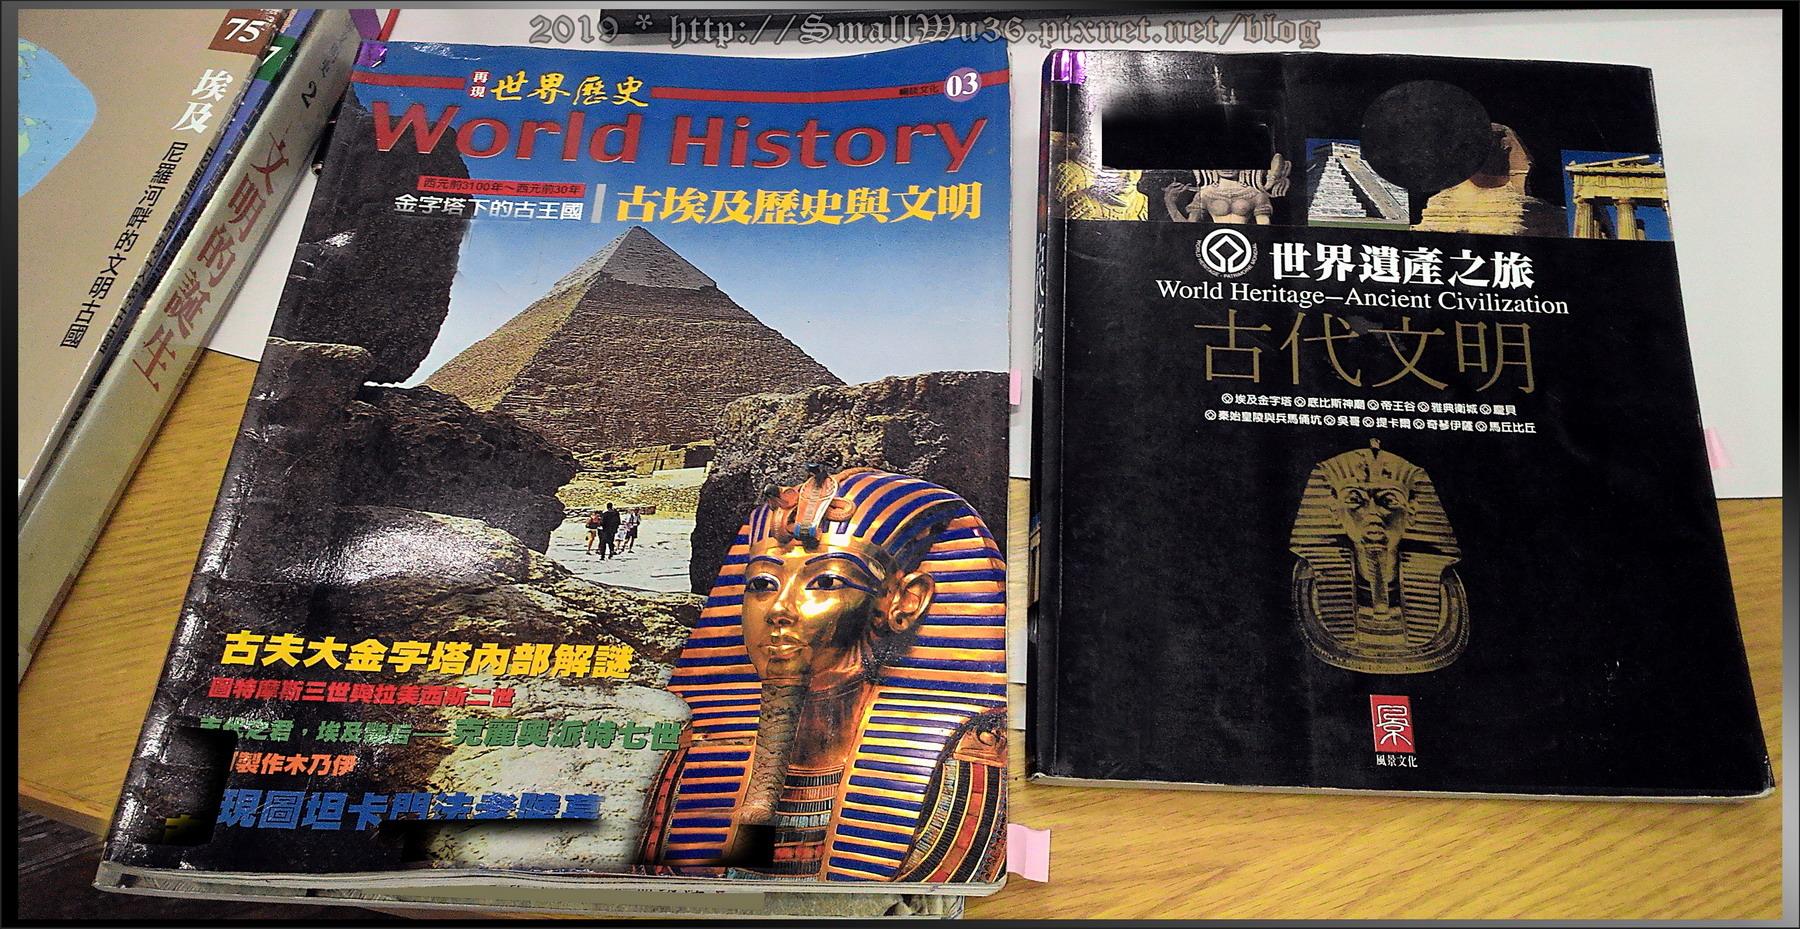 再現世界歷史3-古埃及歷史與文明,古代文明-世界遺產之旅 封面.jpg